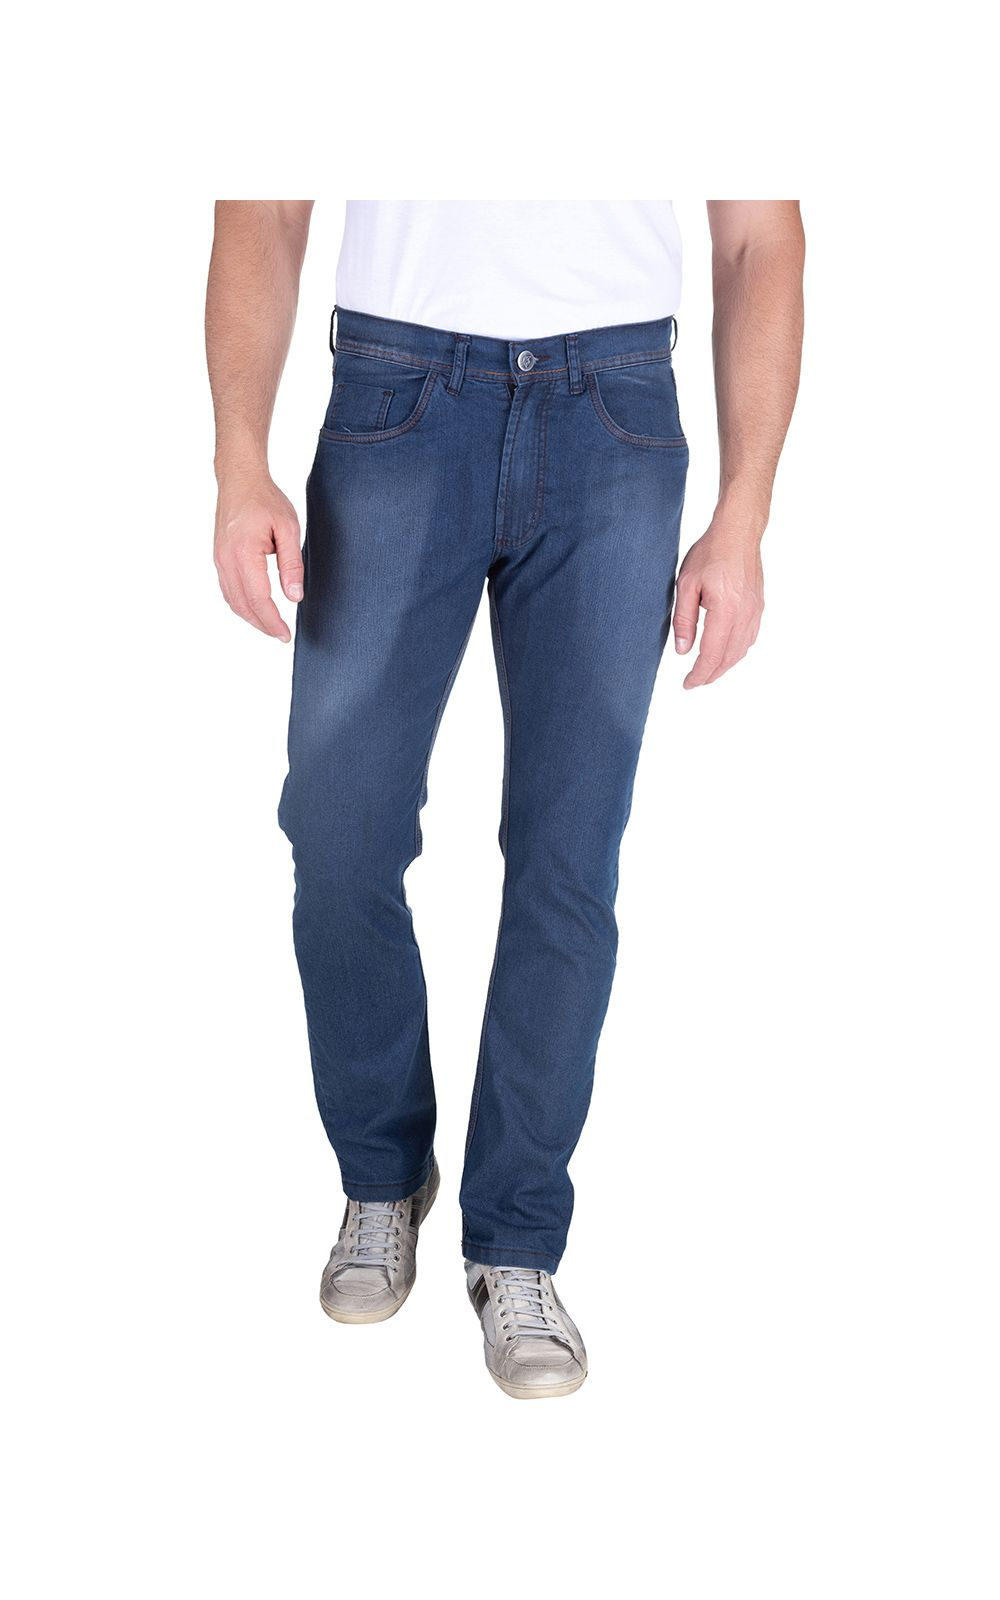 Foto 1 - Calça Jeans Masculina Azul Marinho Lisa